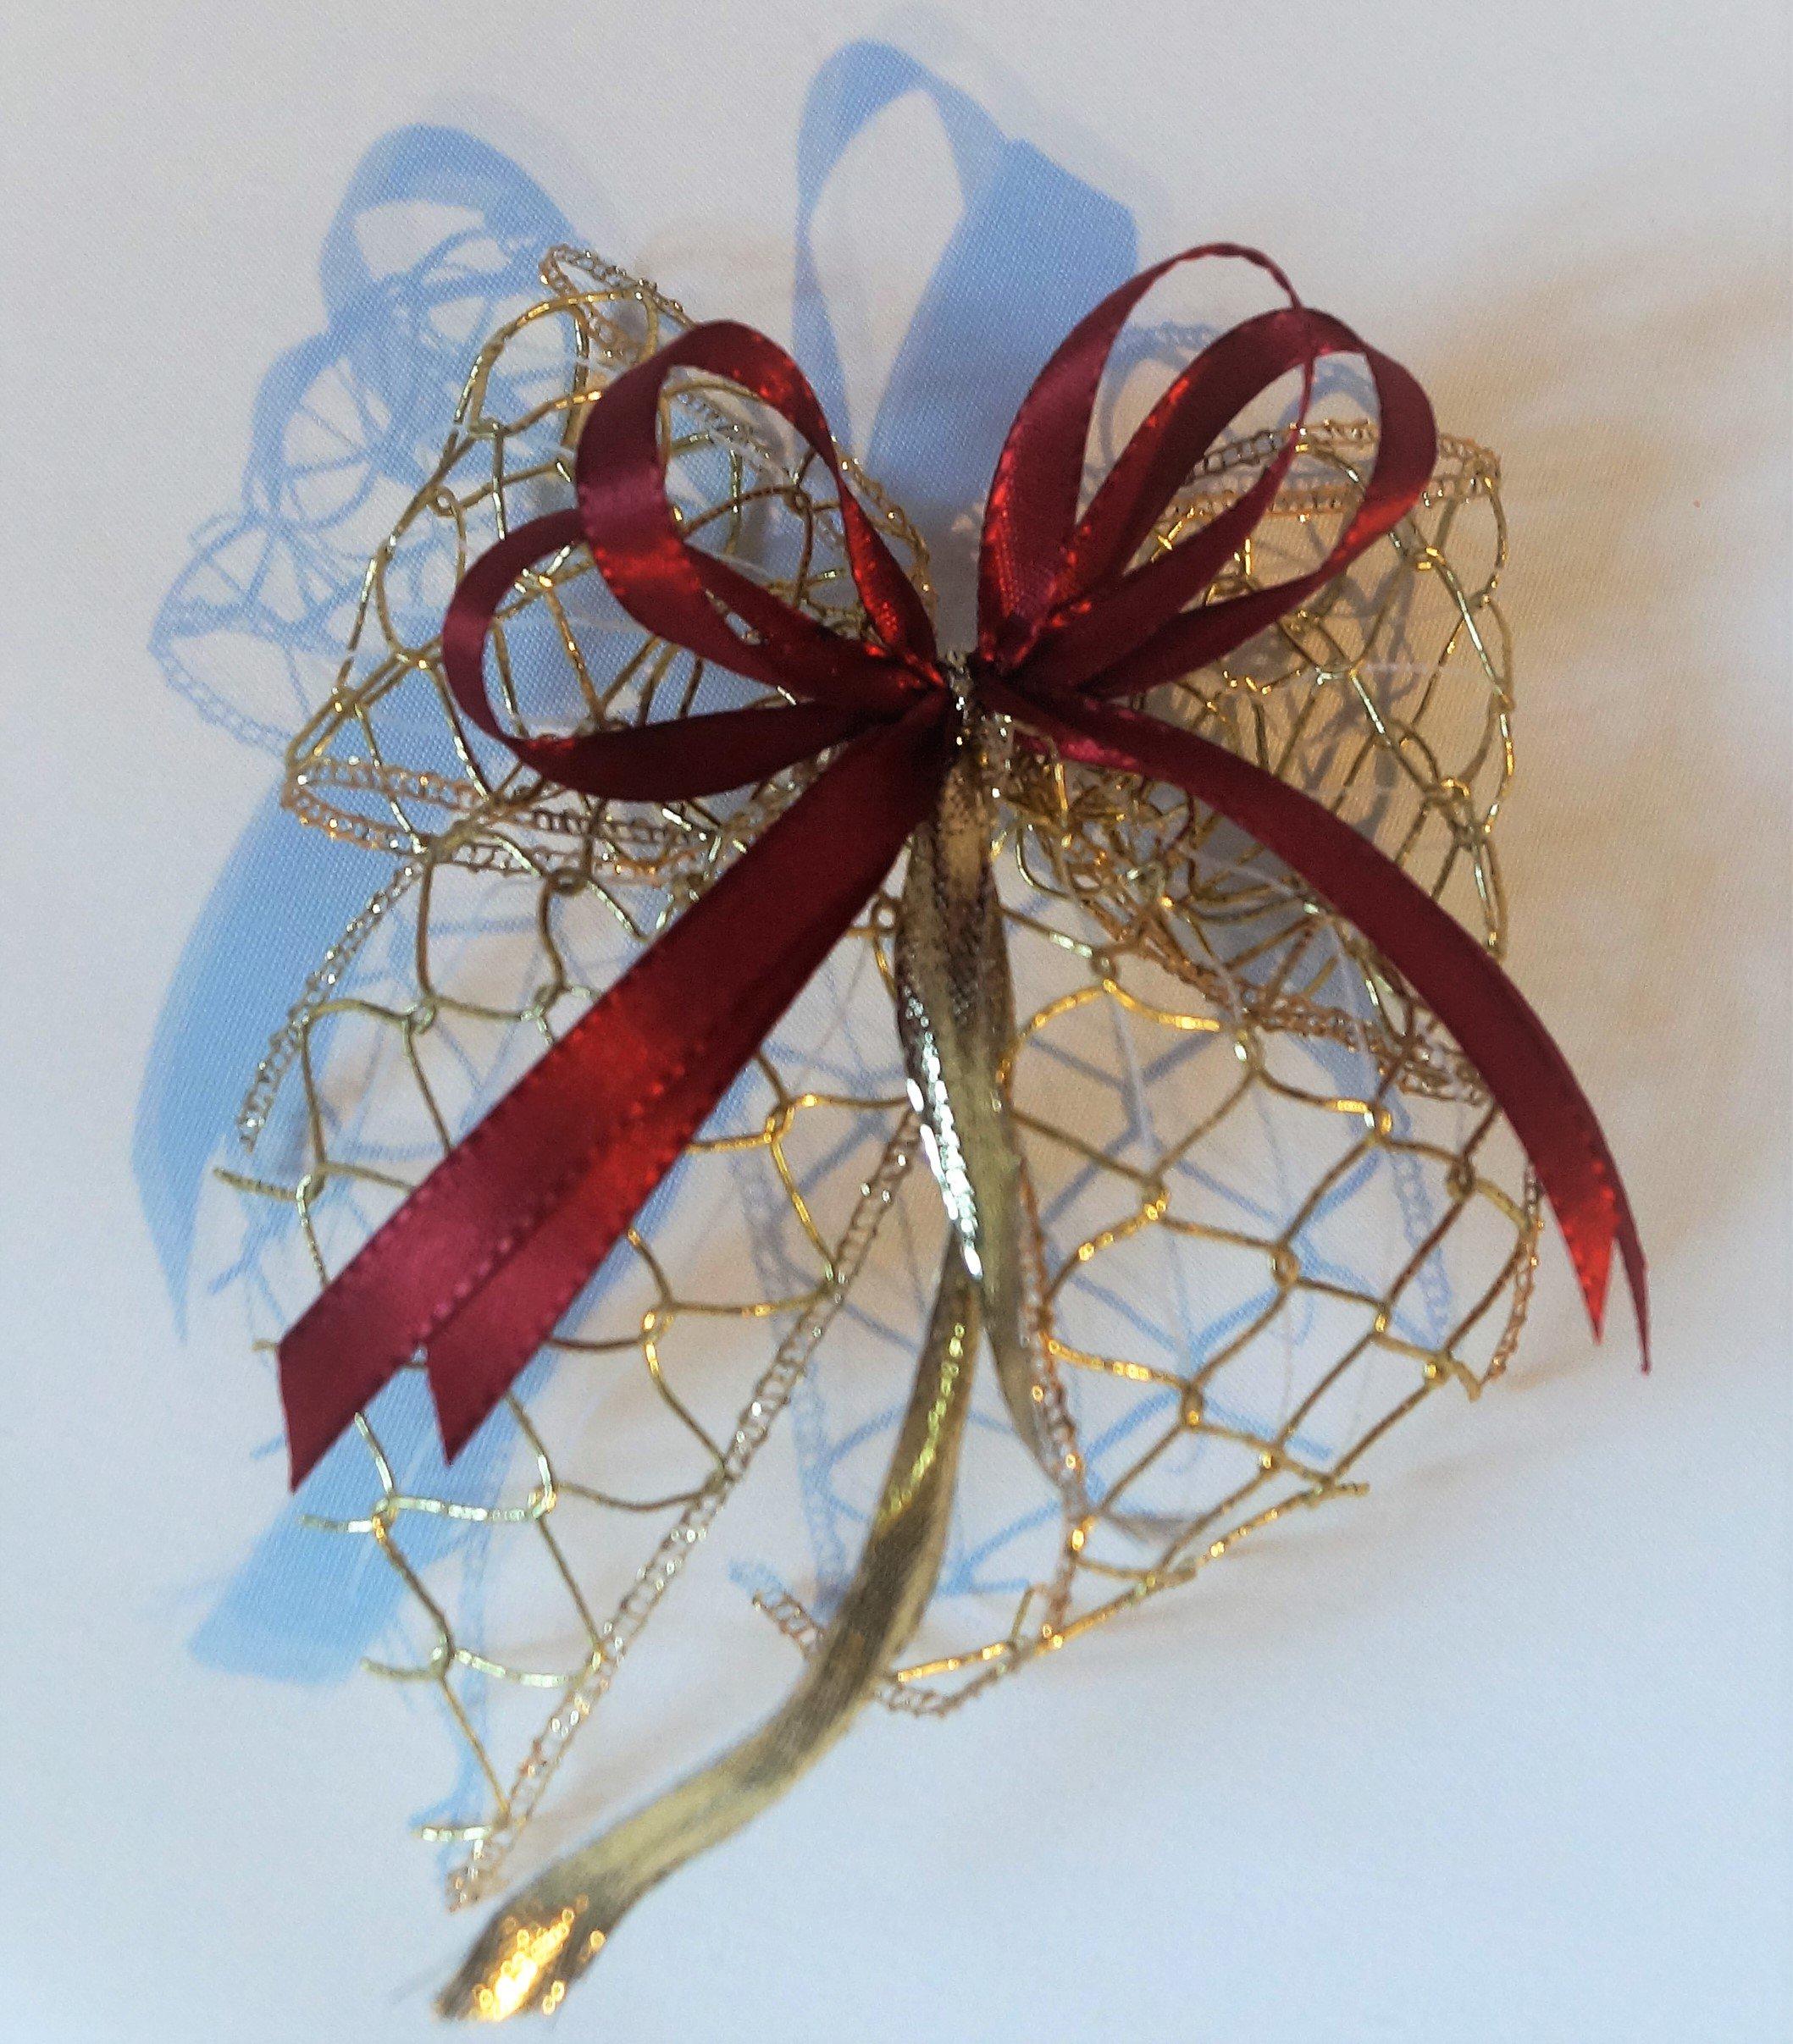 10-Weihnachtsschleifen-Christbaumschmuck-Schleifen-Geschenke-Weihnachten-1748